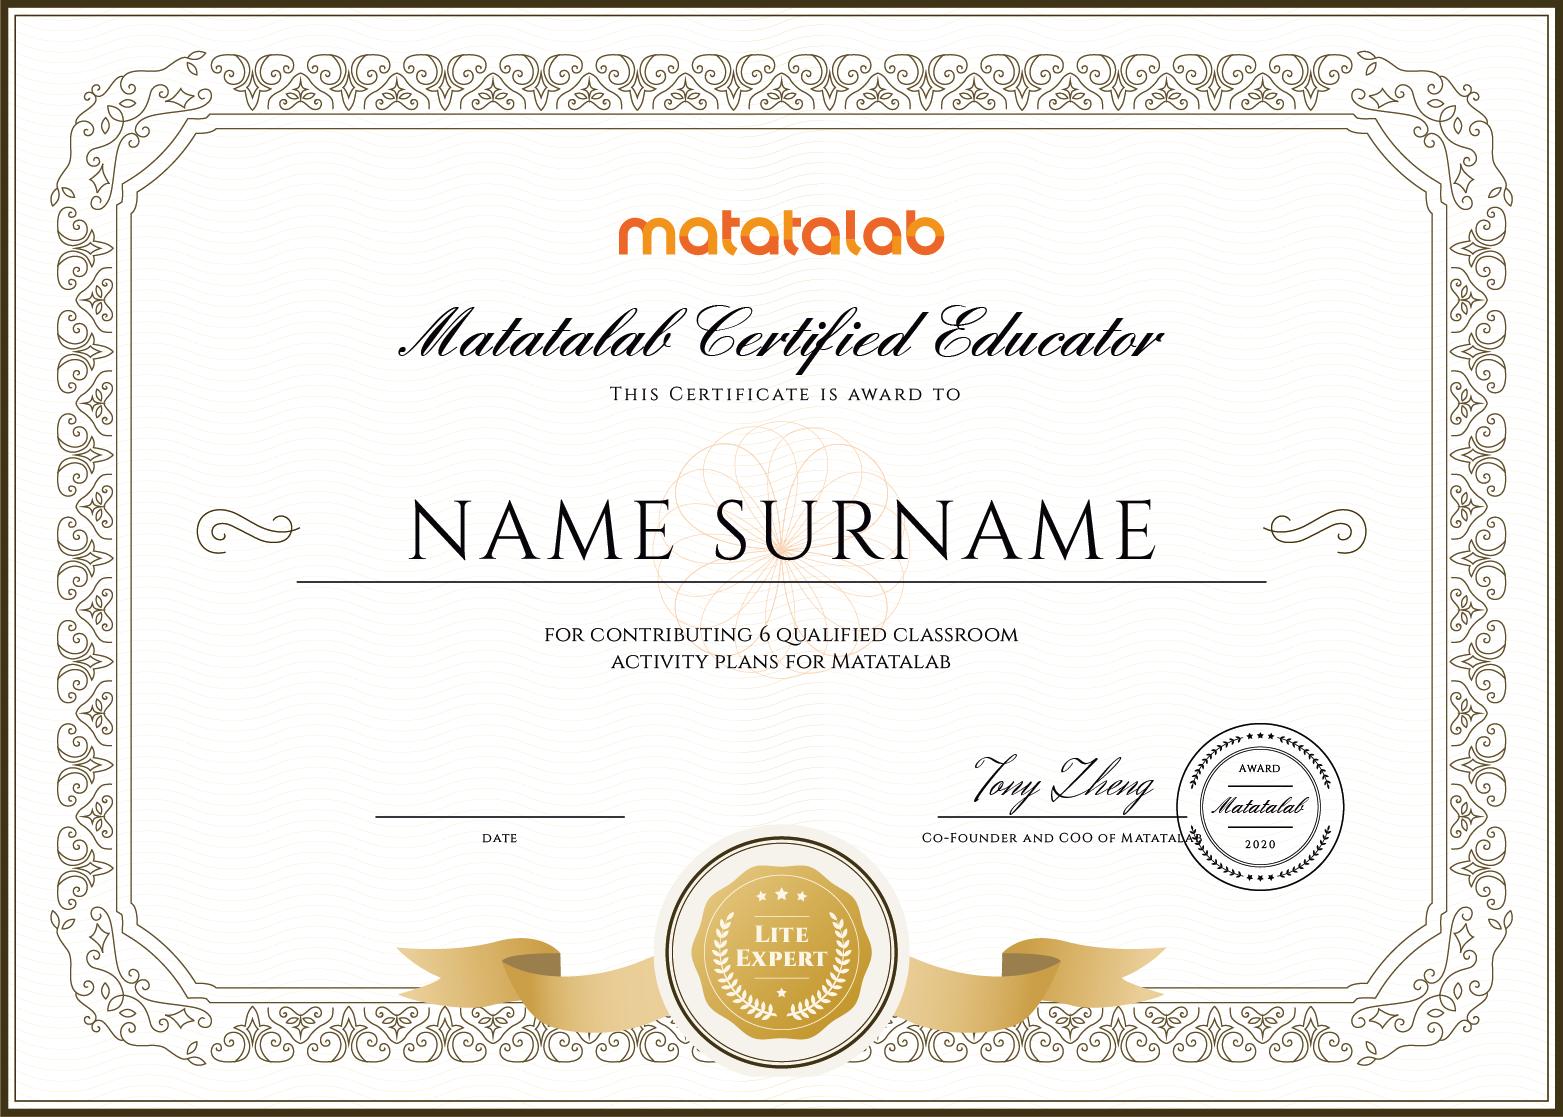 Matatalab Certified Teacher - Programming Kit - Matatalab